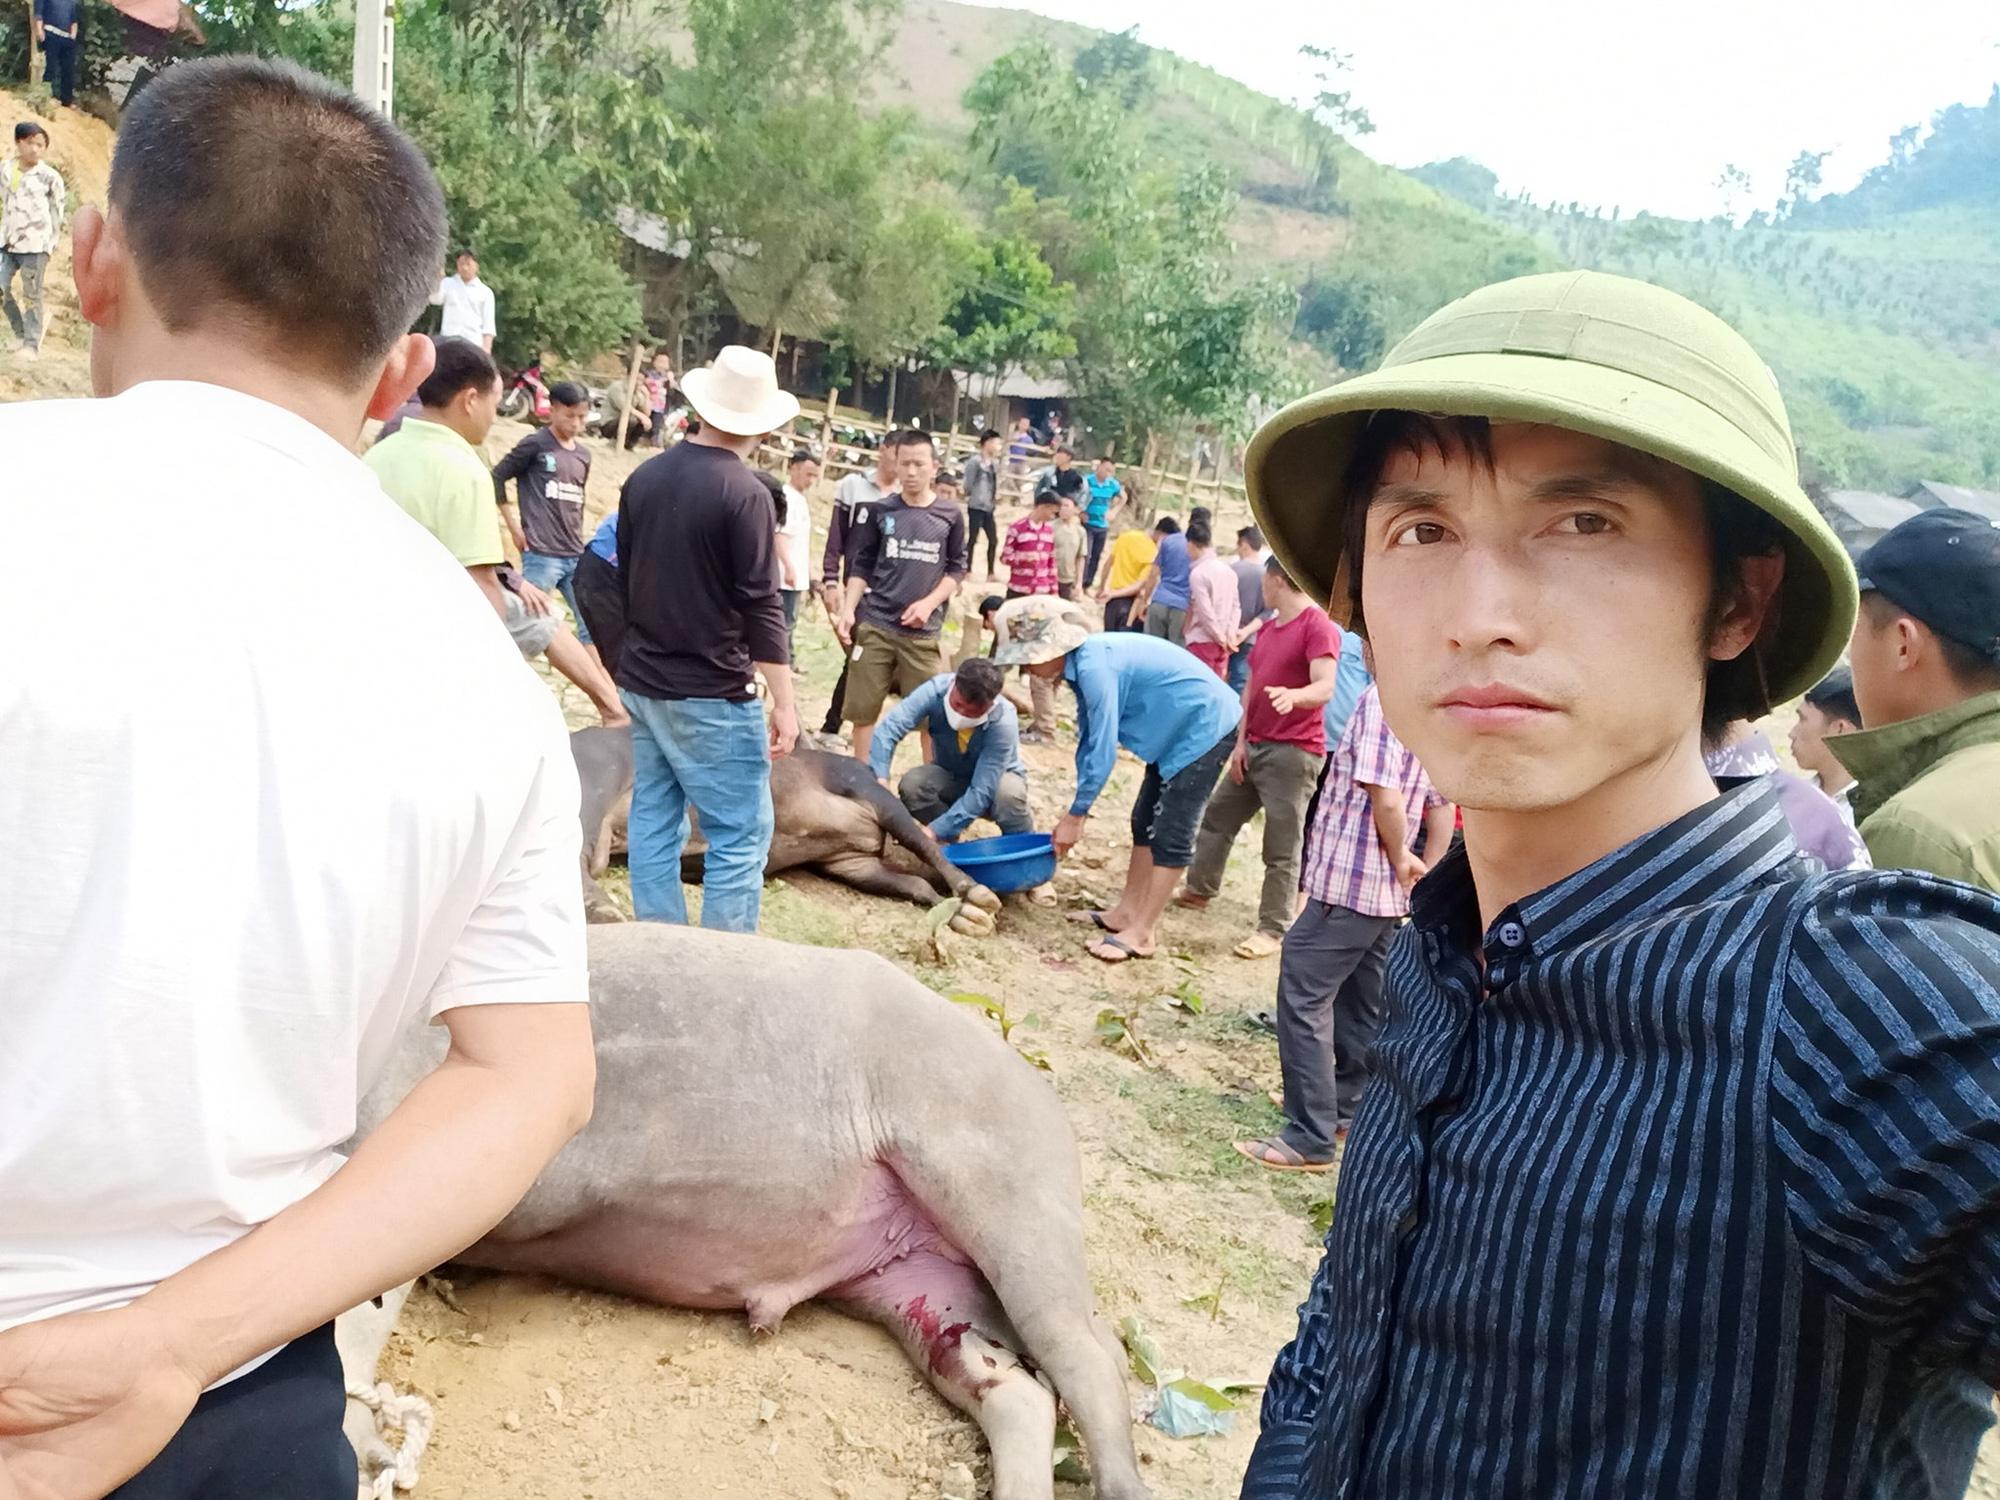 Cuộc cách mạng về phong tục người Mông ở Sơn La: Bài 1: Những ngày u ám vì hủ tục lạc hậu  - Ảnh 4.